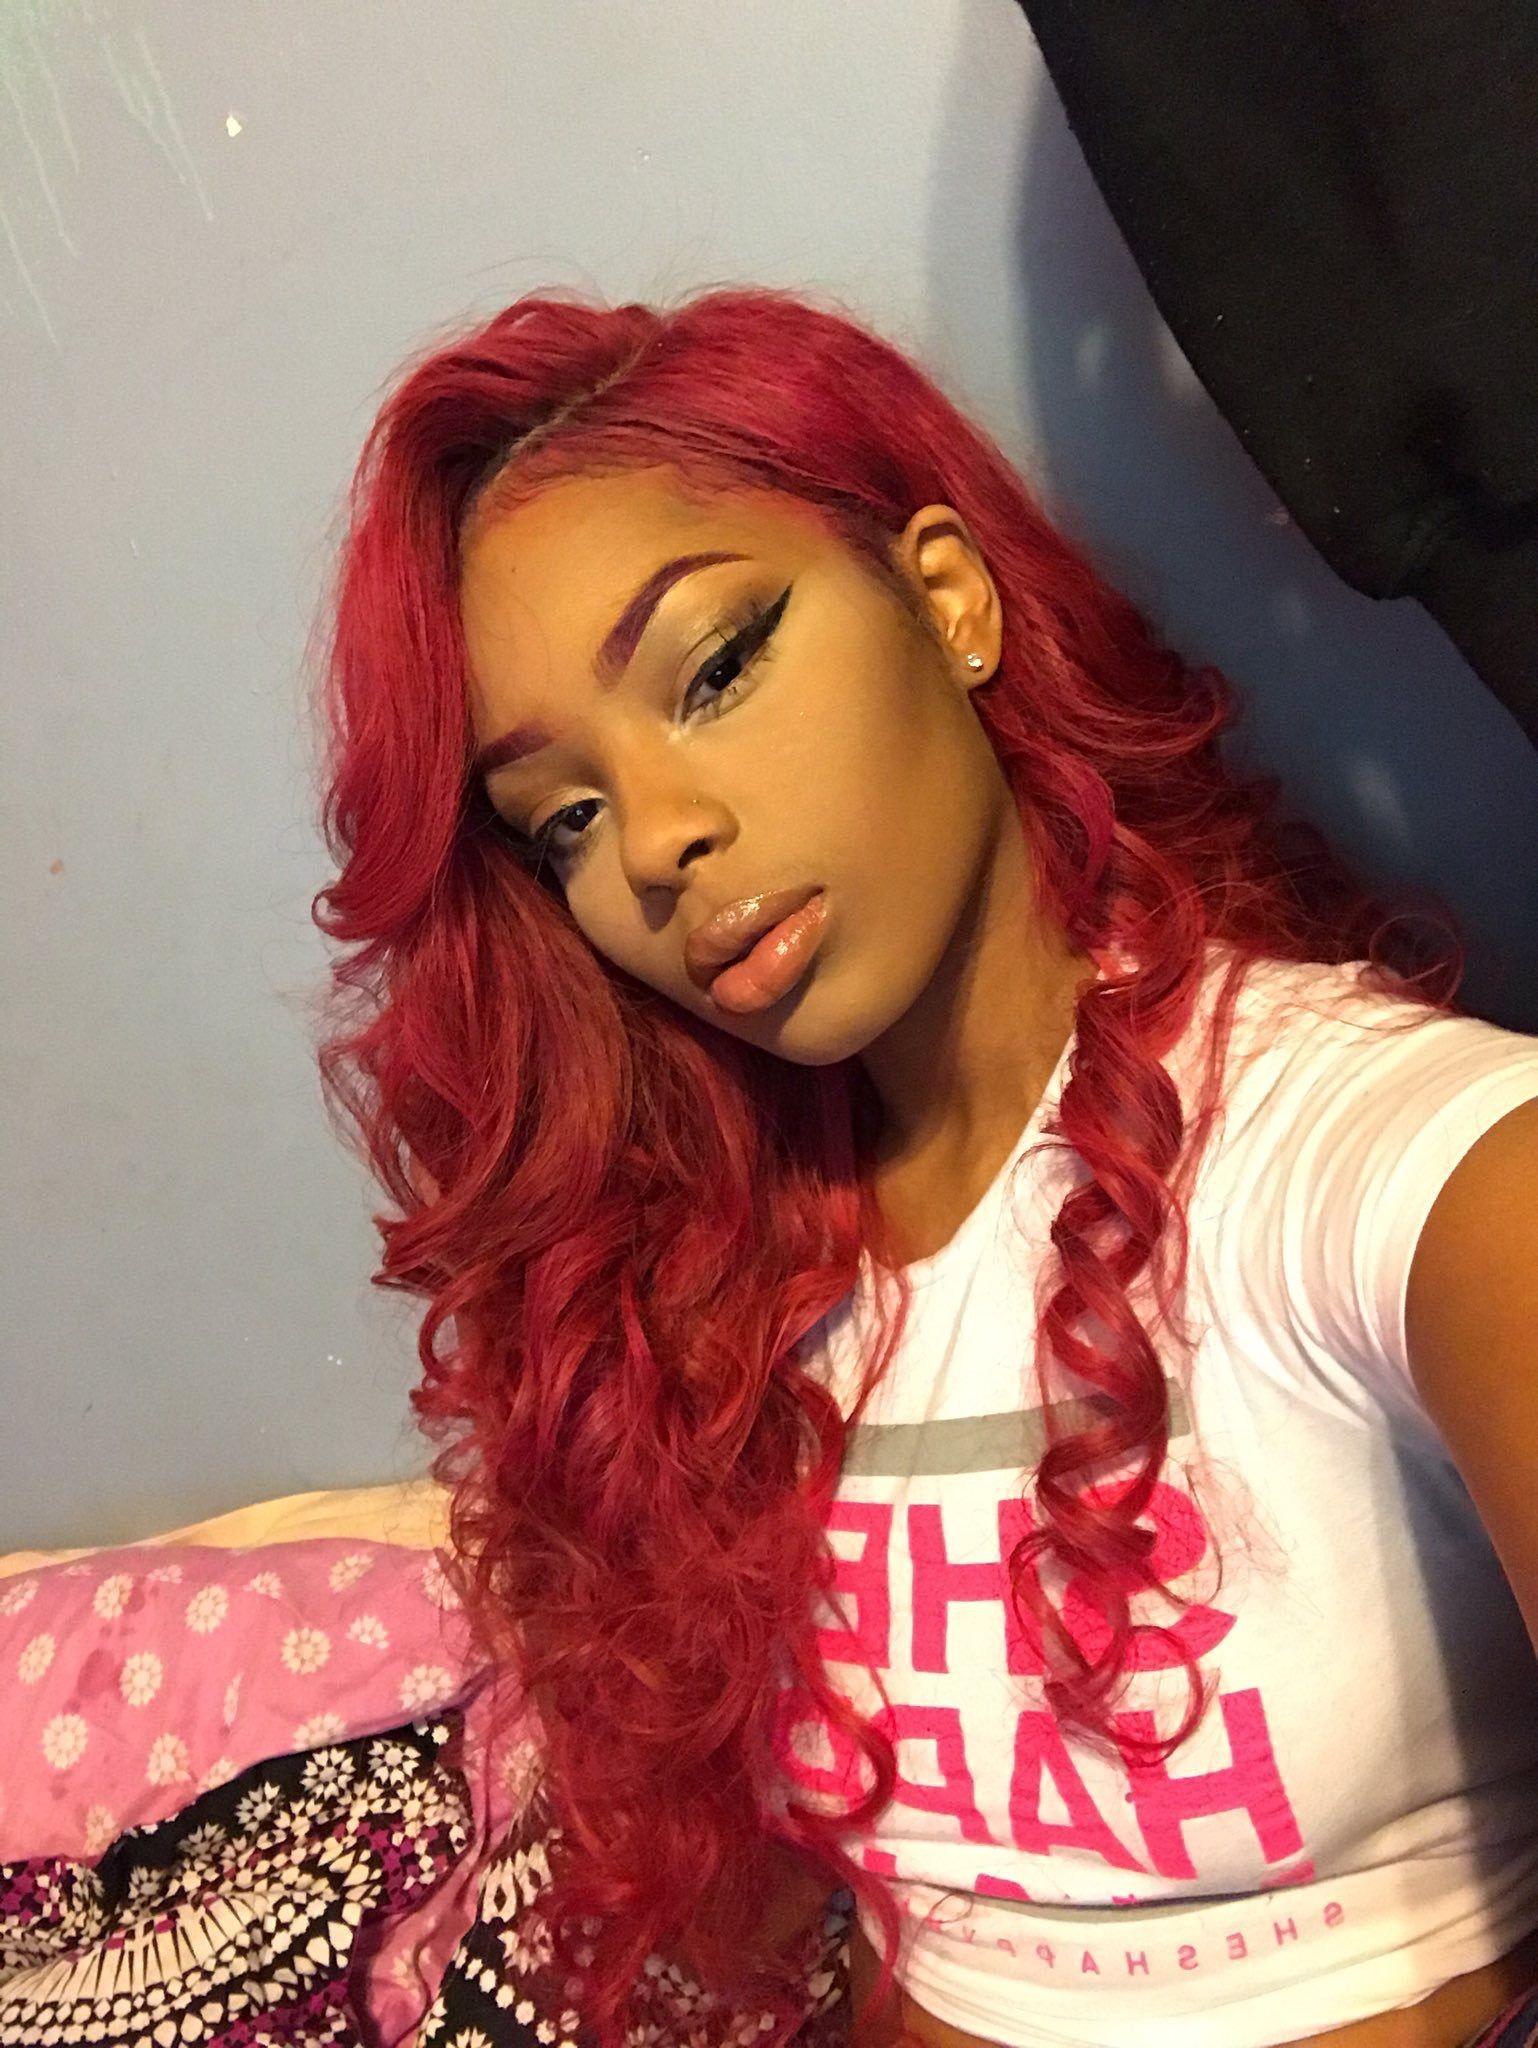 Pin By Queensayah On Hair In 2019 Hair Red Hair Hair Styles